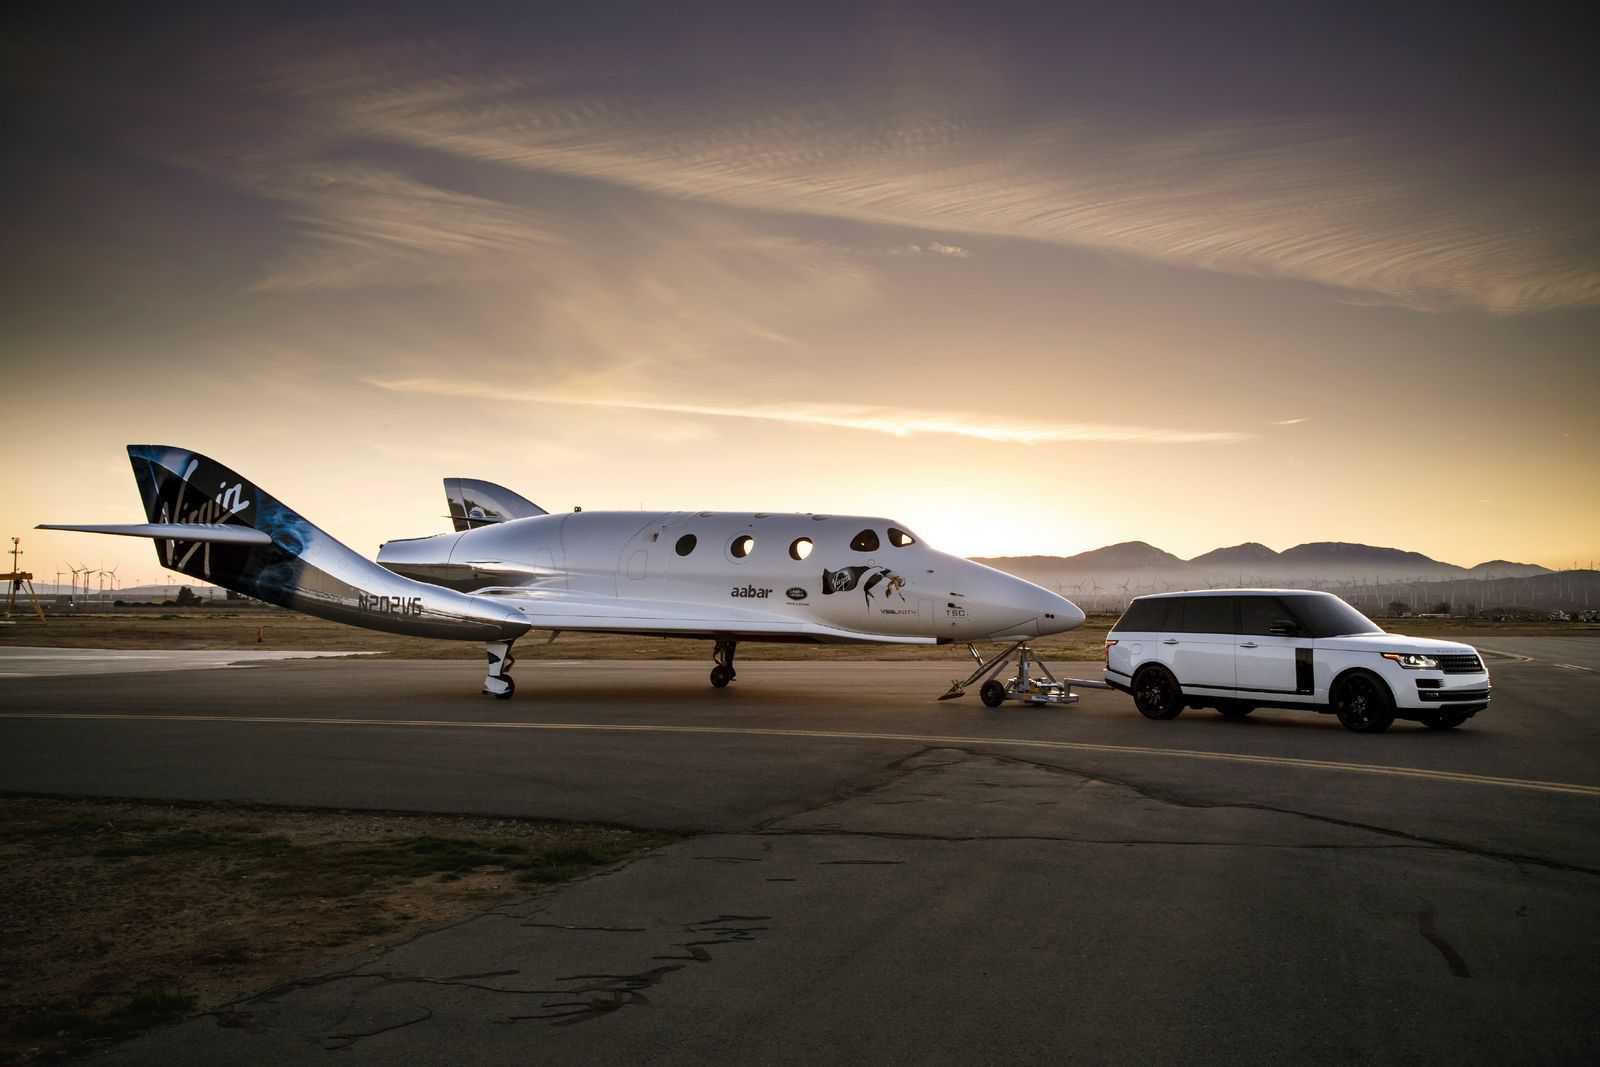 ריינג' רובר גורר כמעט 10 טונות של ספינת החלל החדשה מ-וורג'ין. צילום: לנד רובר